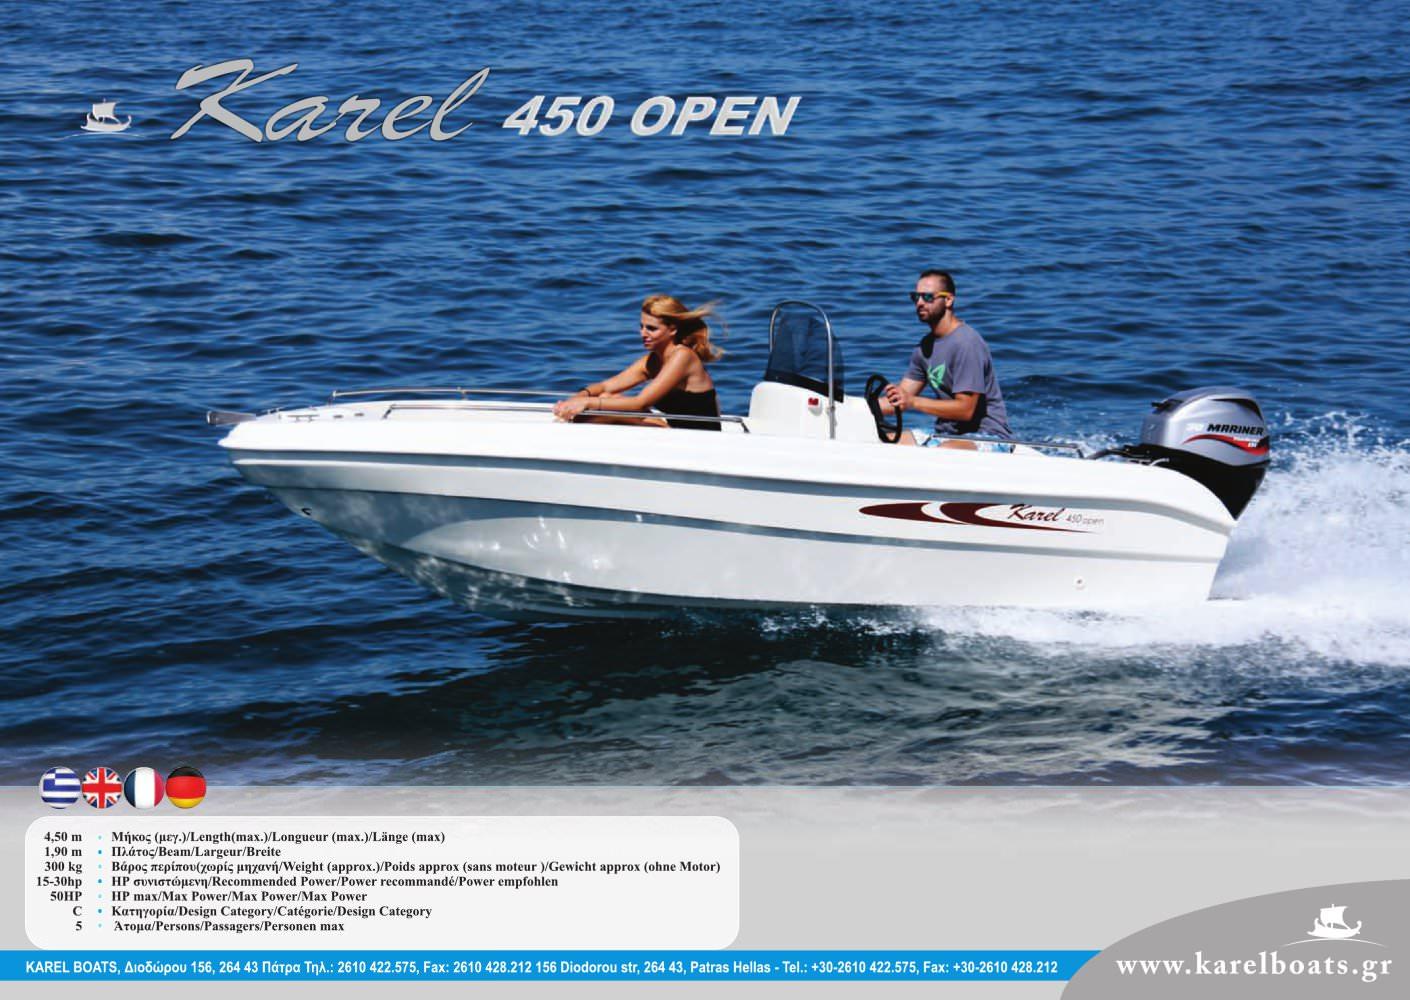 The Open Boat Pdf